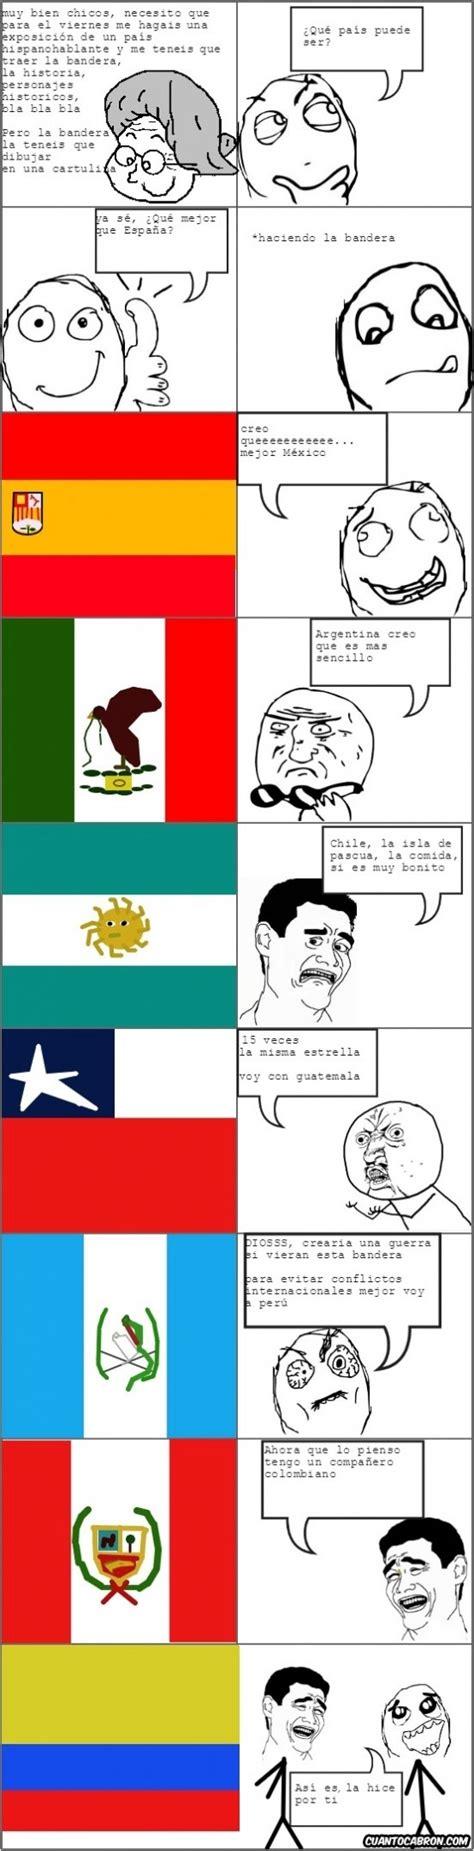 Banderas Meme - cu 225 nto cabr 243 n dibujar banderas a mano m 225 s f 225 cil decirlo que hacerlo